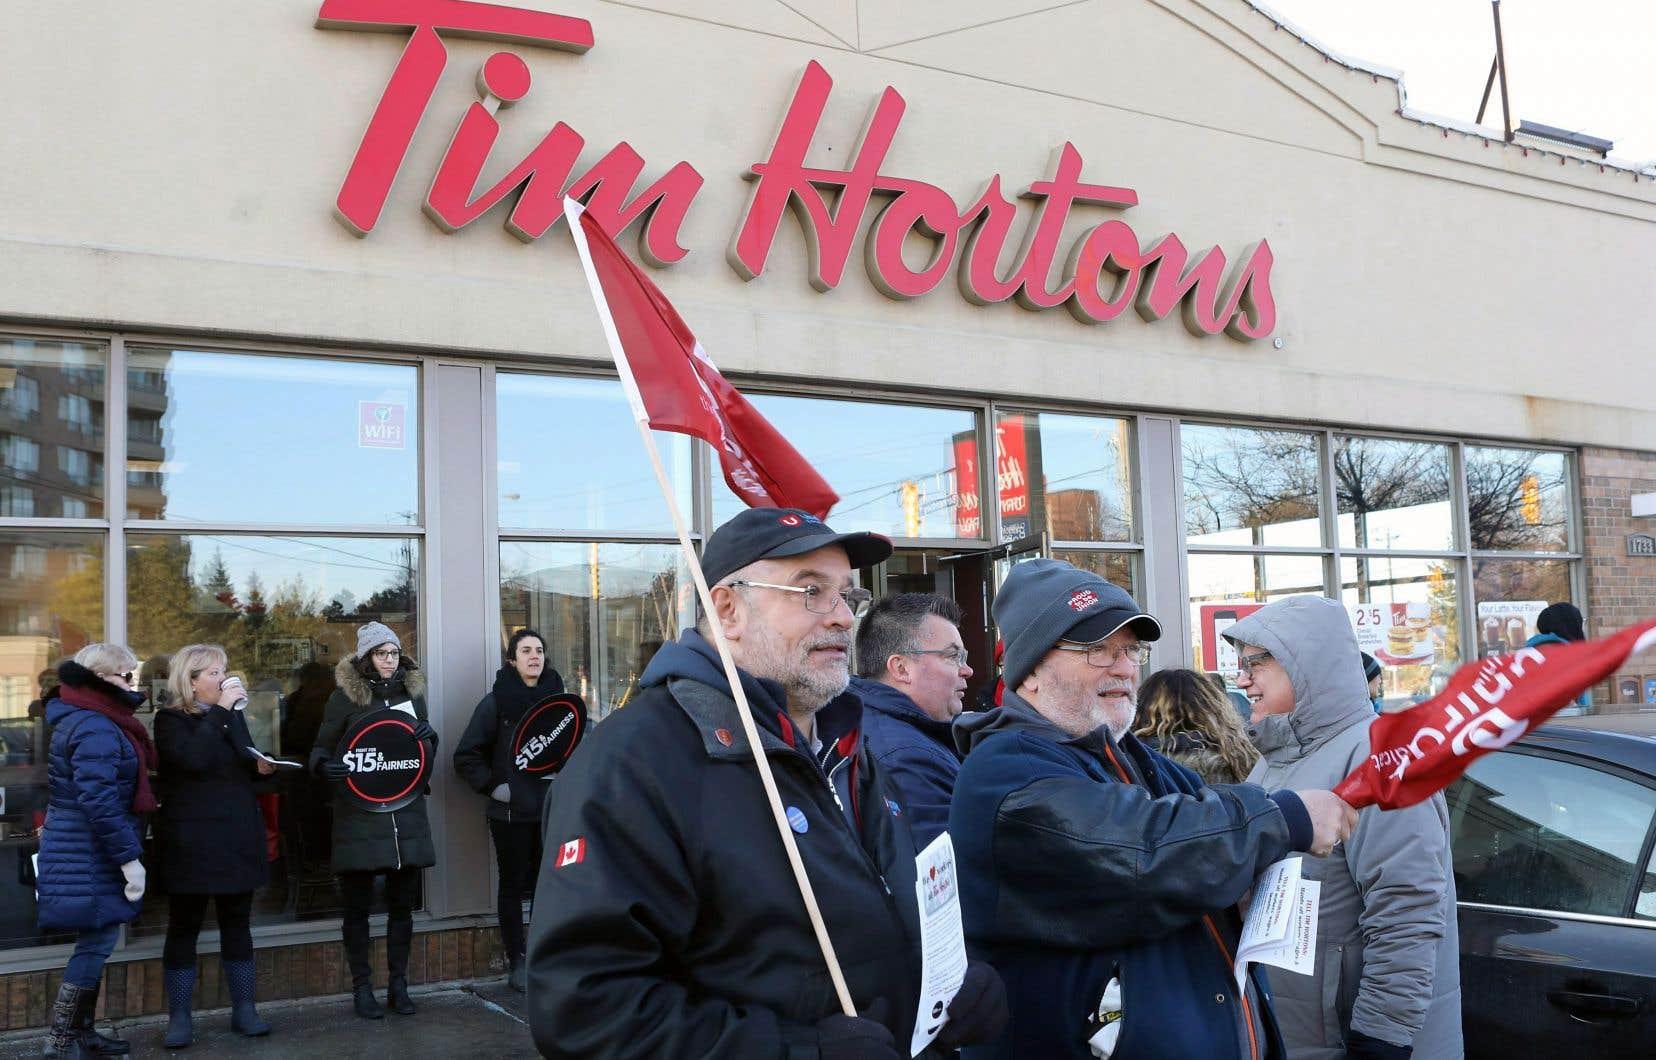 Des membres de l'Ontario Federation of Labour manifestaient devant un restaurant Tim Hortons, mercredi à Toronto.